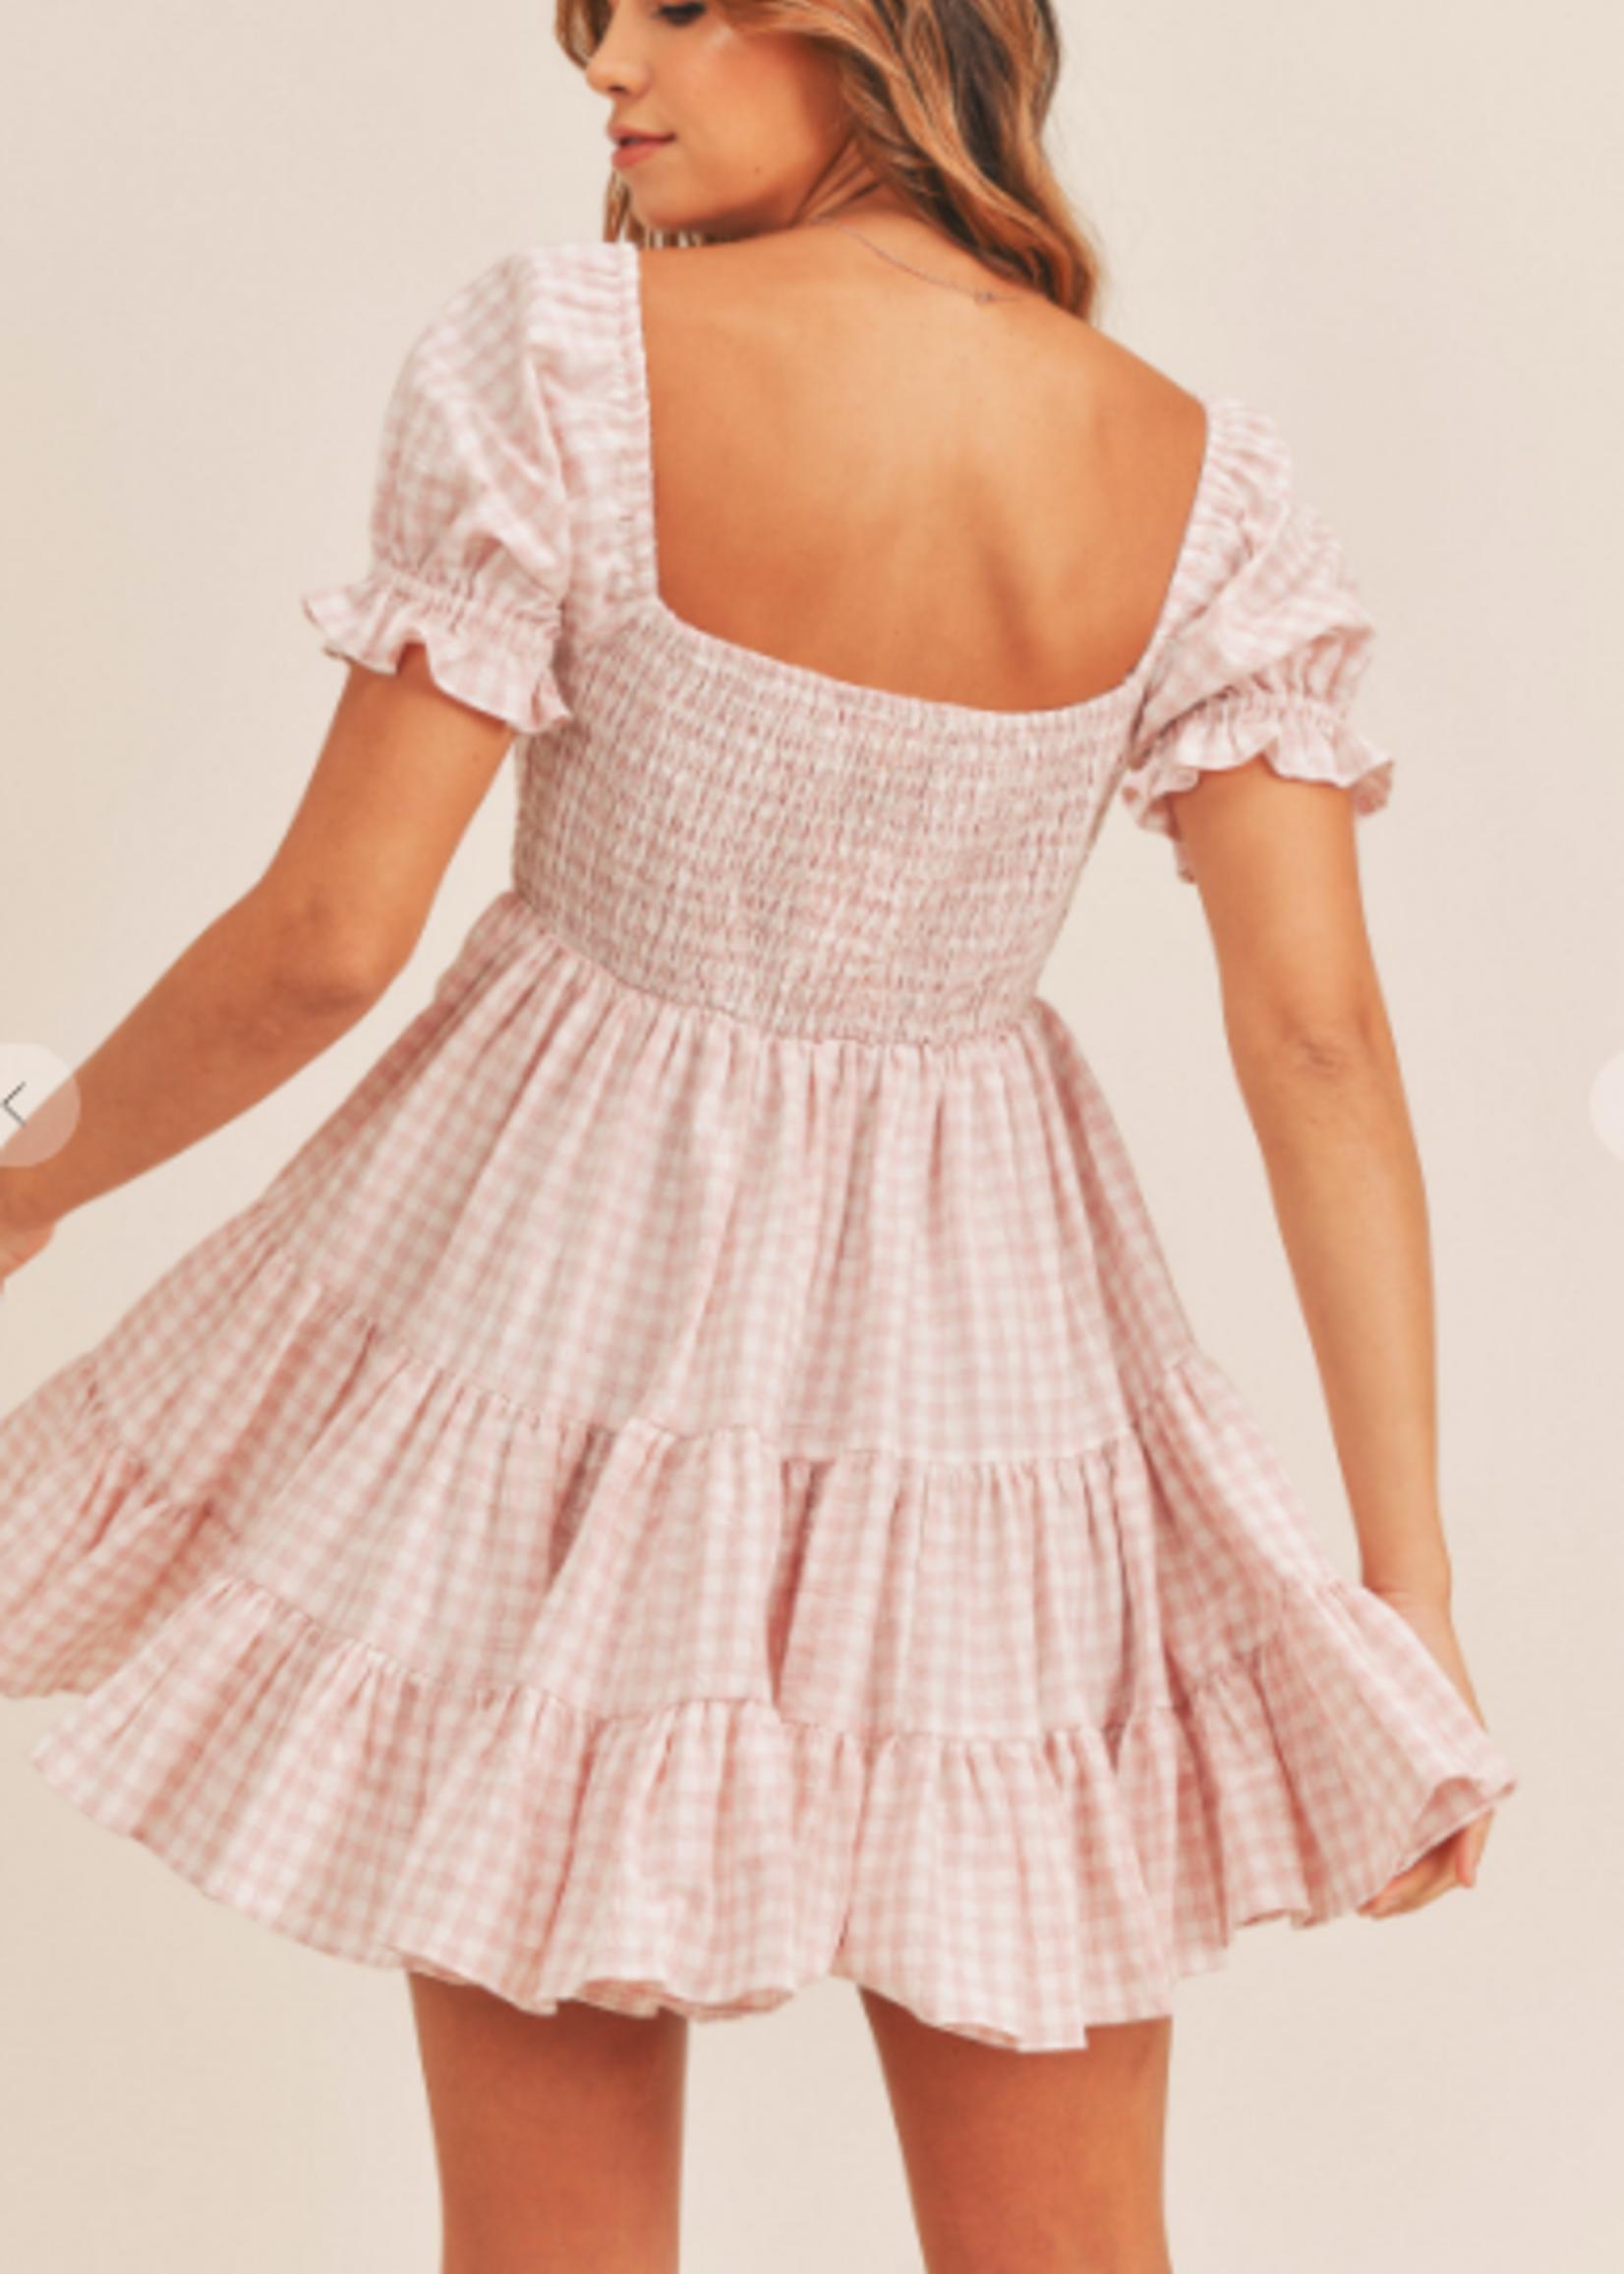 Go Girl Gingham Baby Doll Dress